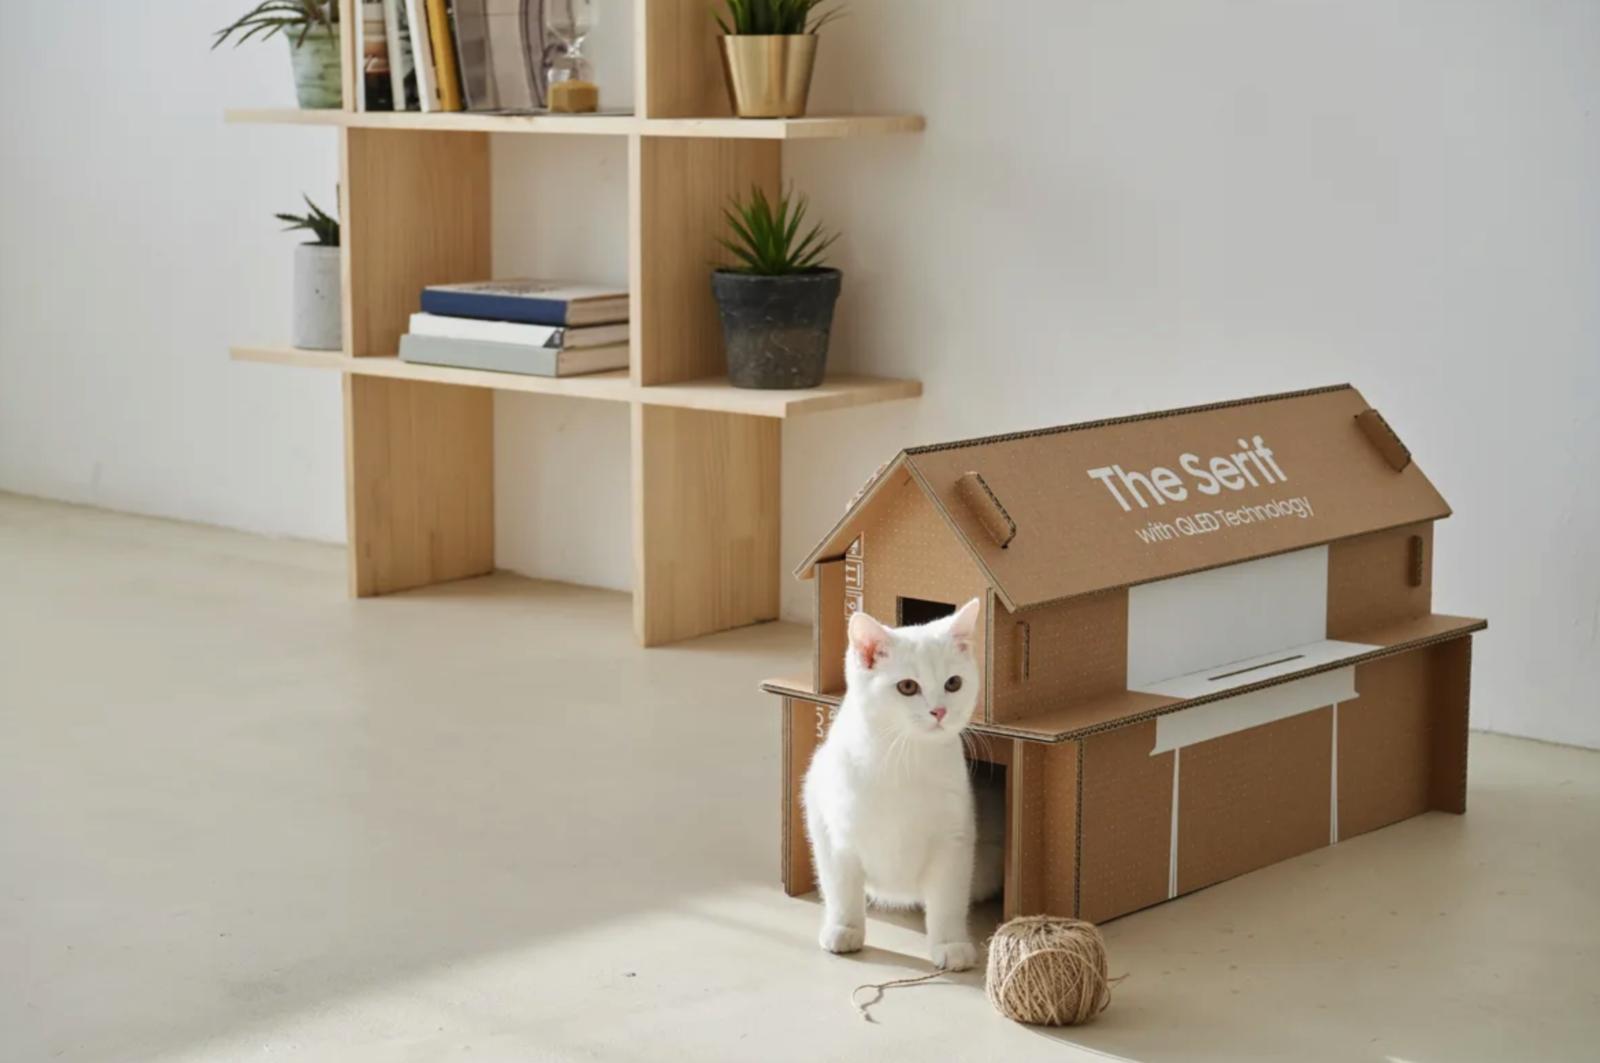 Verpakking designtelevisies Samsung snel om te bouwen tot tijdschriftenrek of slaapplek voor de kat